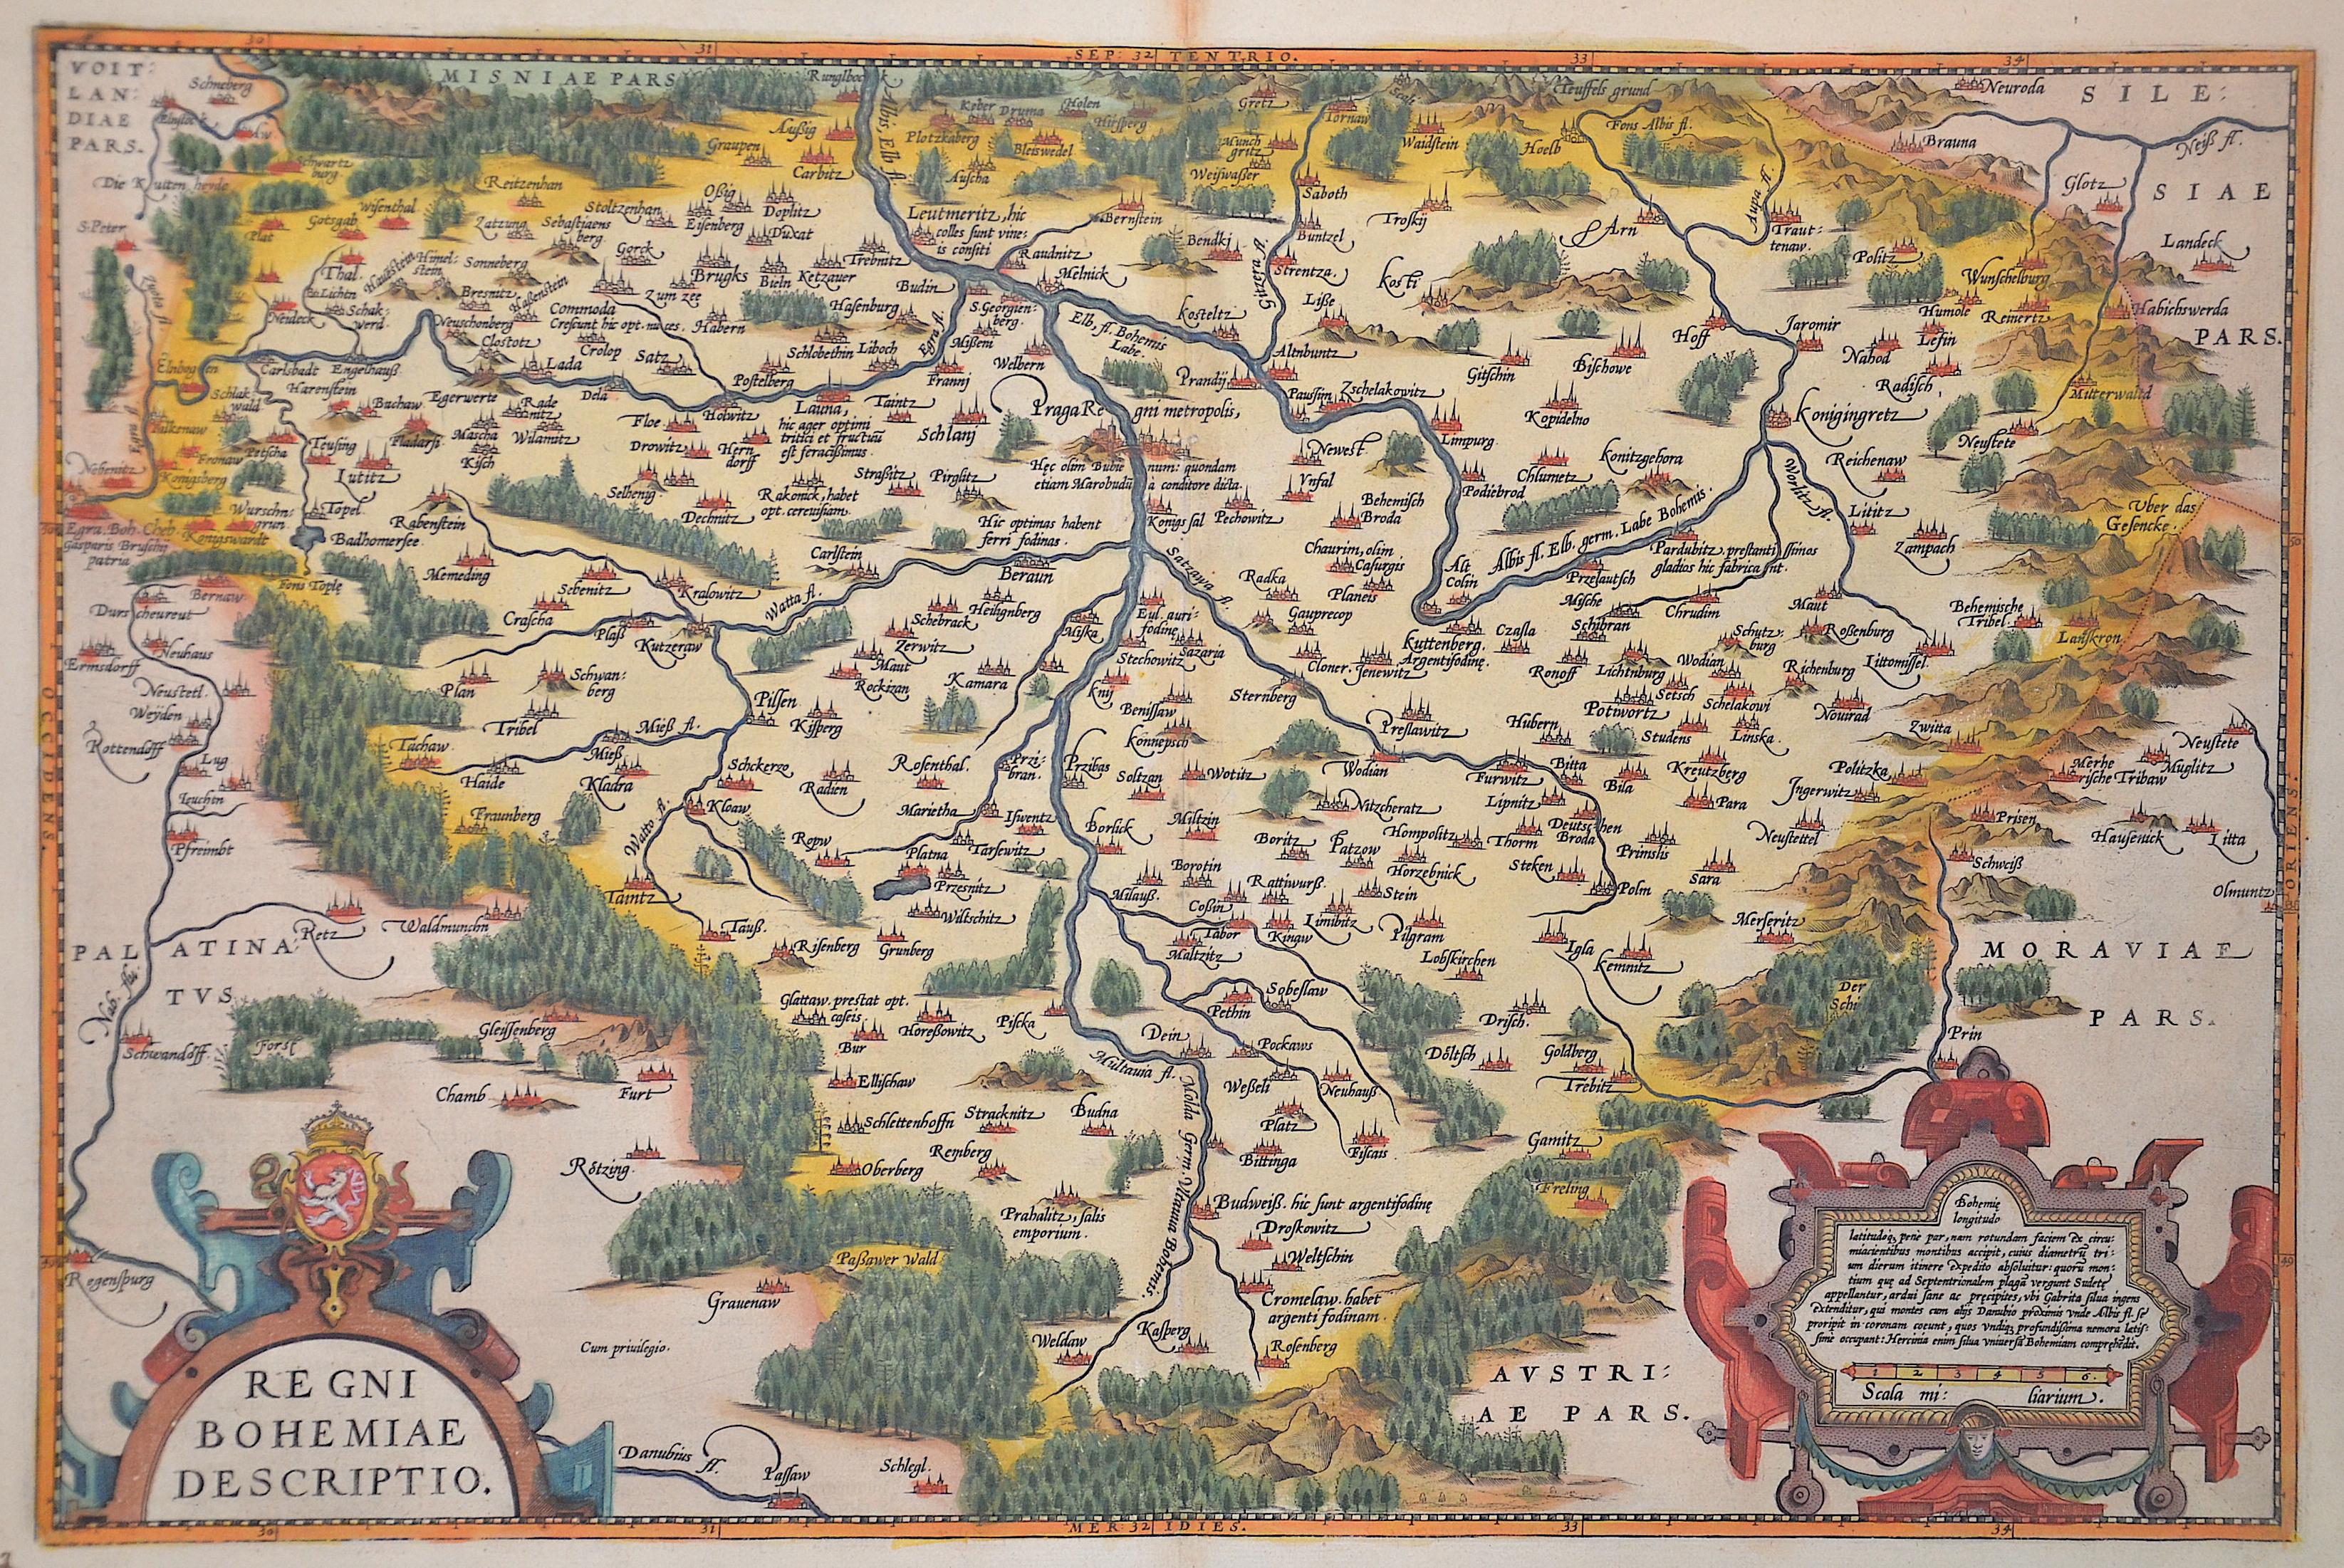 Ortelius  Regni Bohemiae descriptio